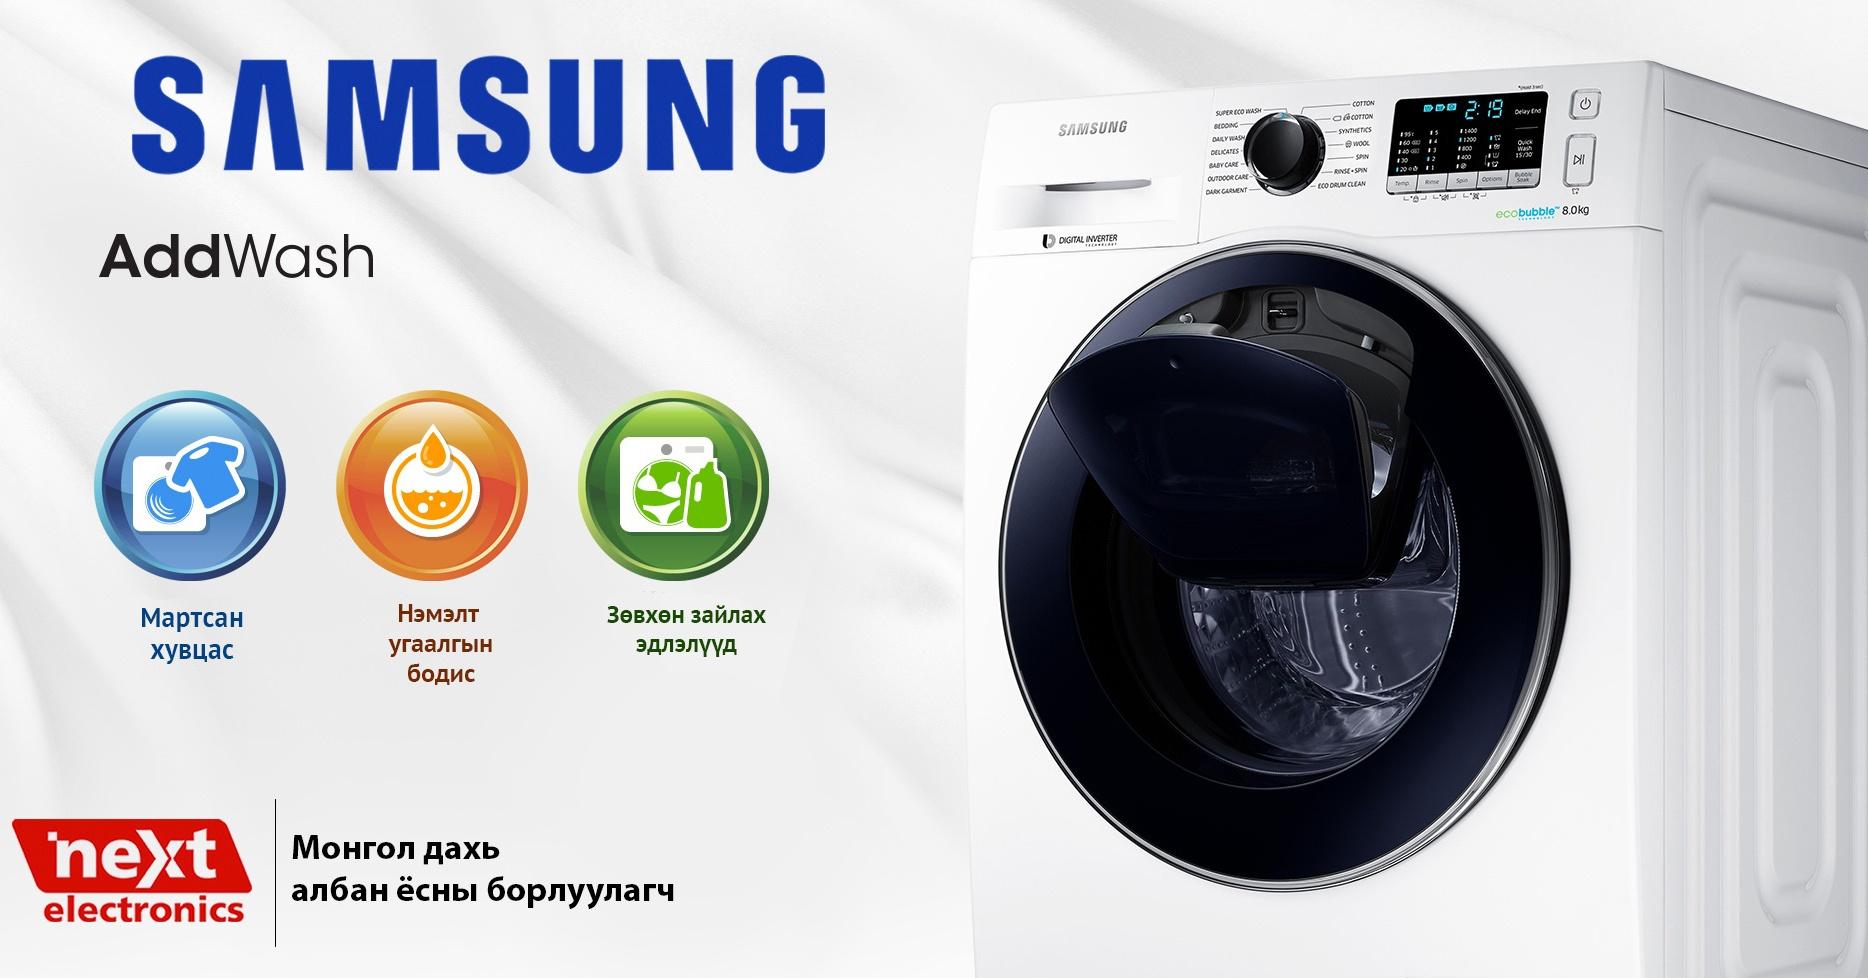 Тойм: Samsung AddWash-г танилцуулж байна